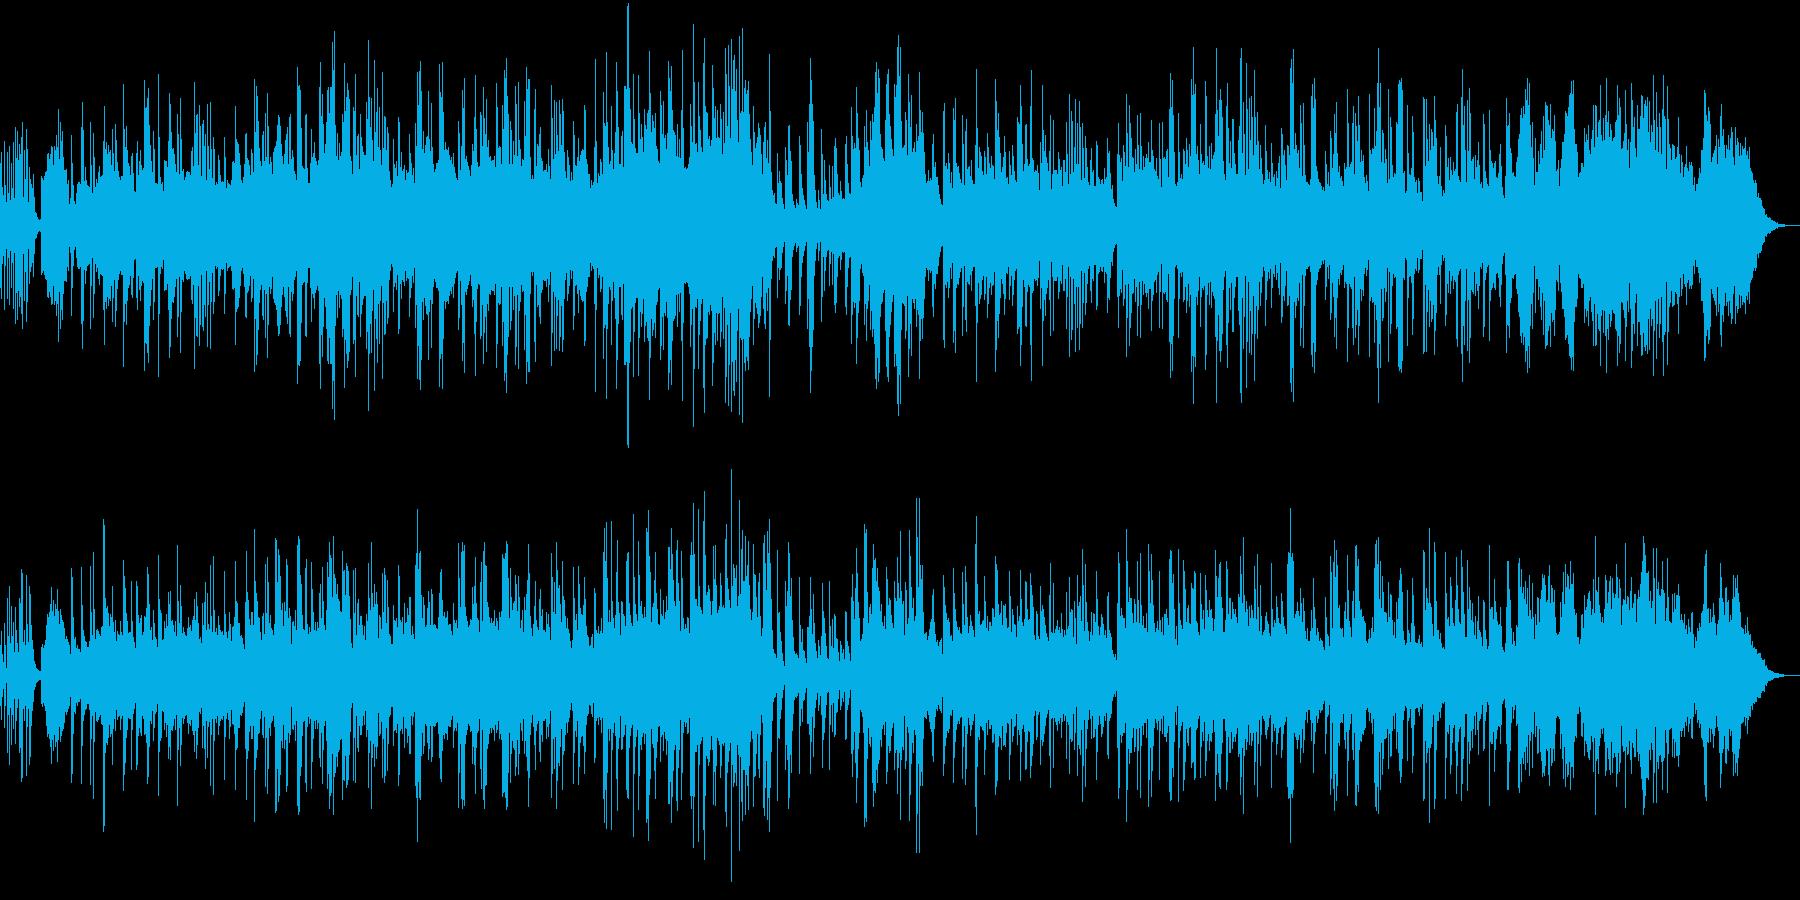 ピアノの優しい癒されるBGMの再生済みの波形